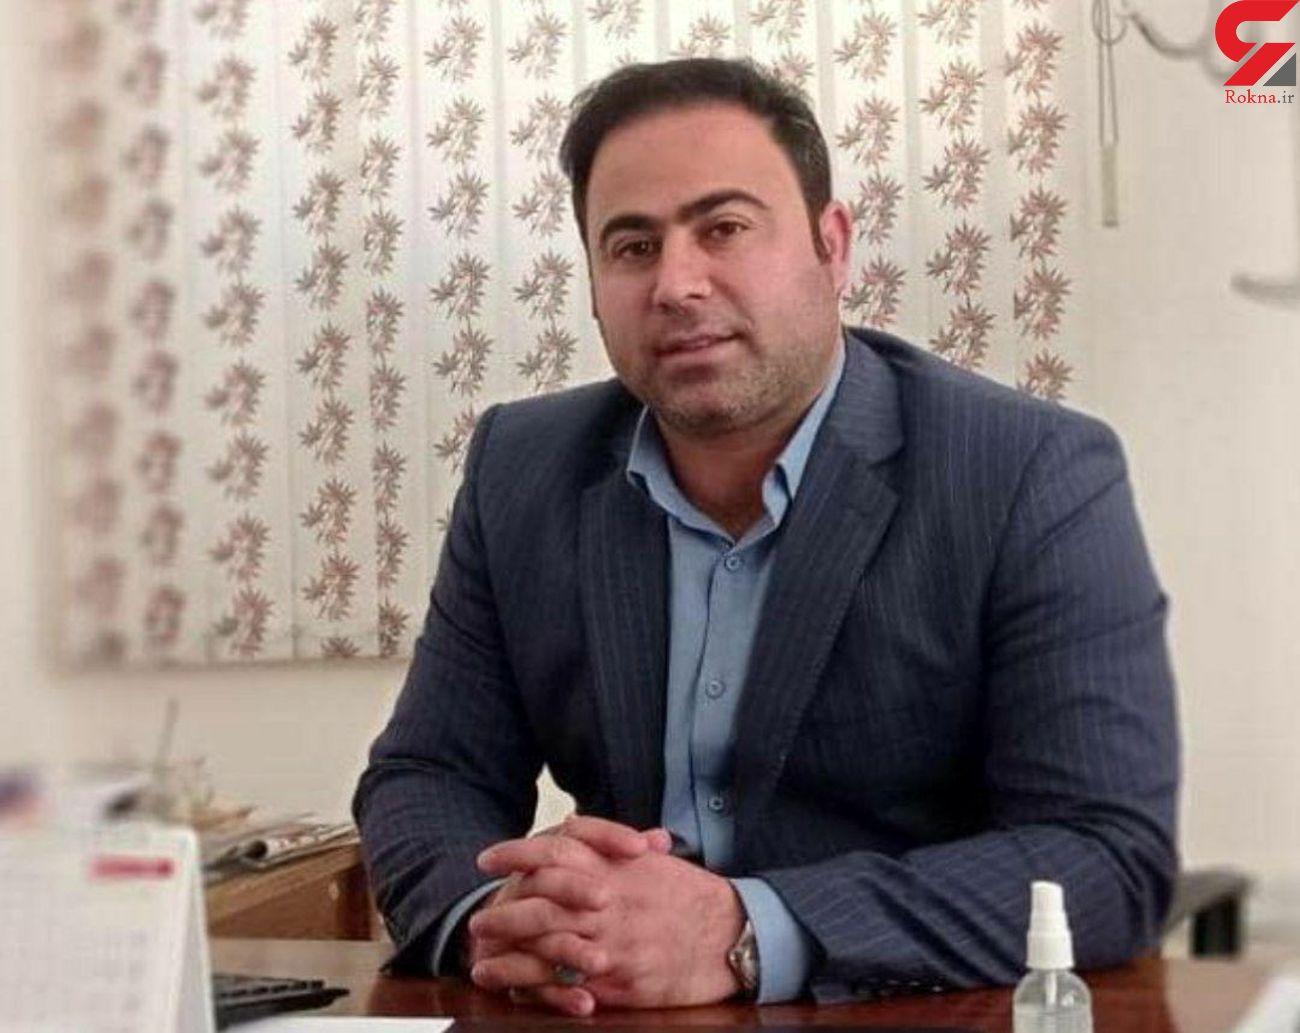 در سال جدید روزنامهنگاران باید یک نسخه از هر شماره چاپ خود را به امور مطبوعات فرهنگ و ارشاد اسلامی استان تحویل دهند